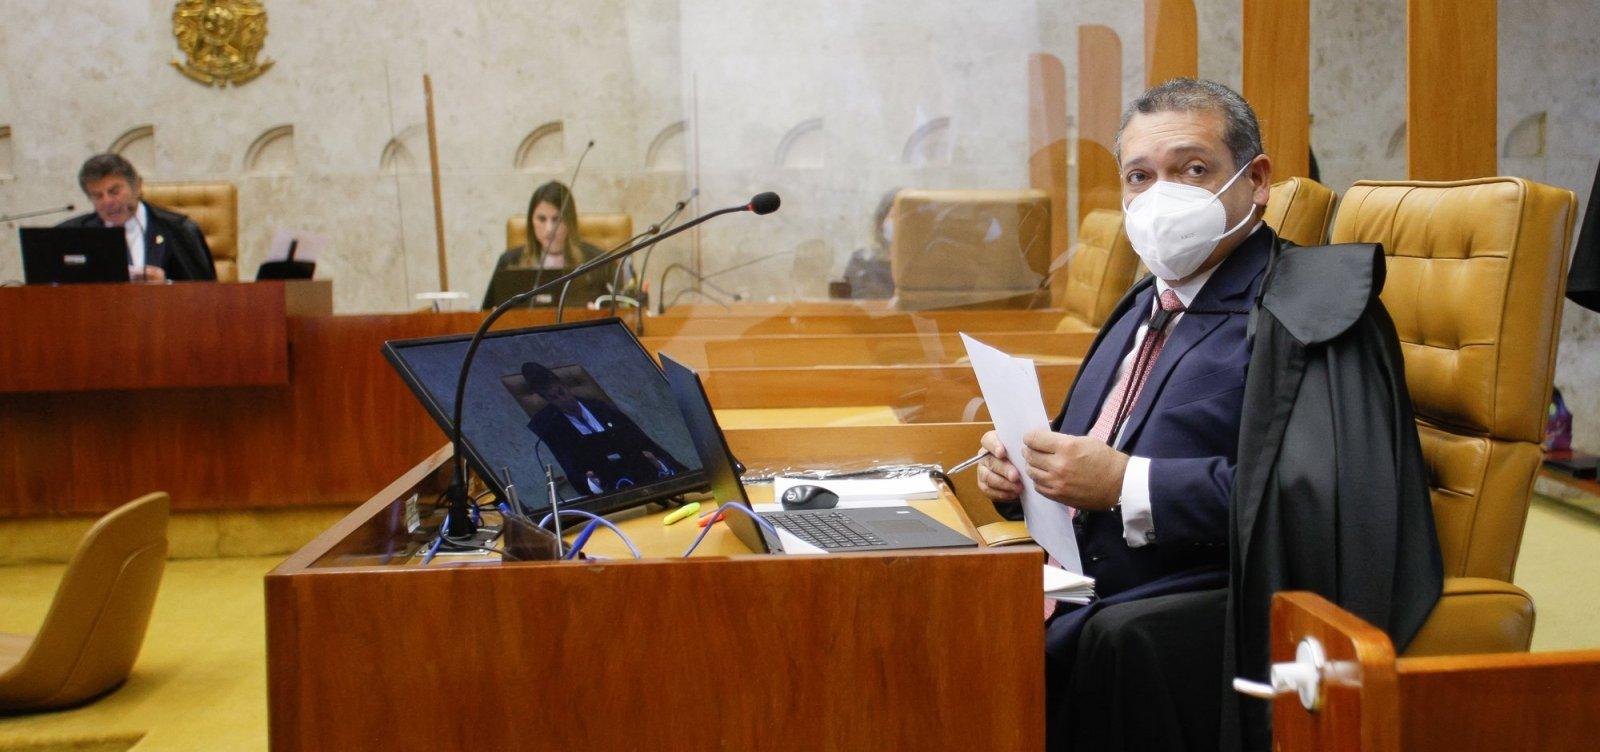 [STF inicia julgamento de reeleição de Davi Alcolumbre e Rodrigo Maia]